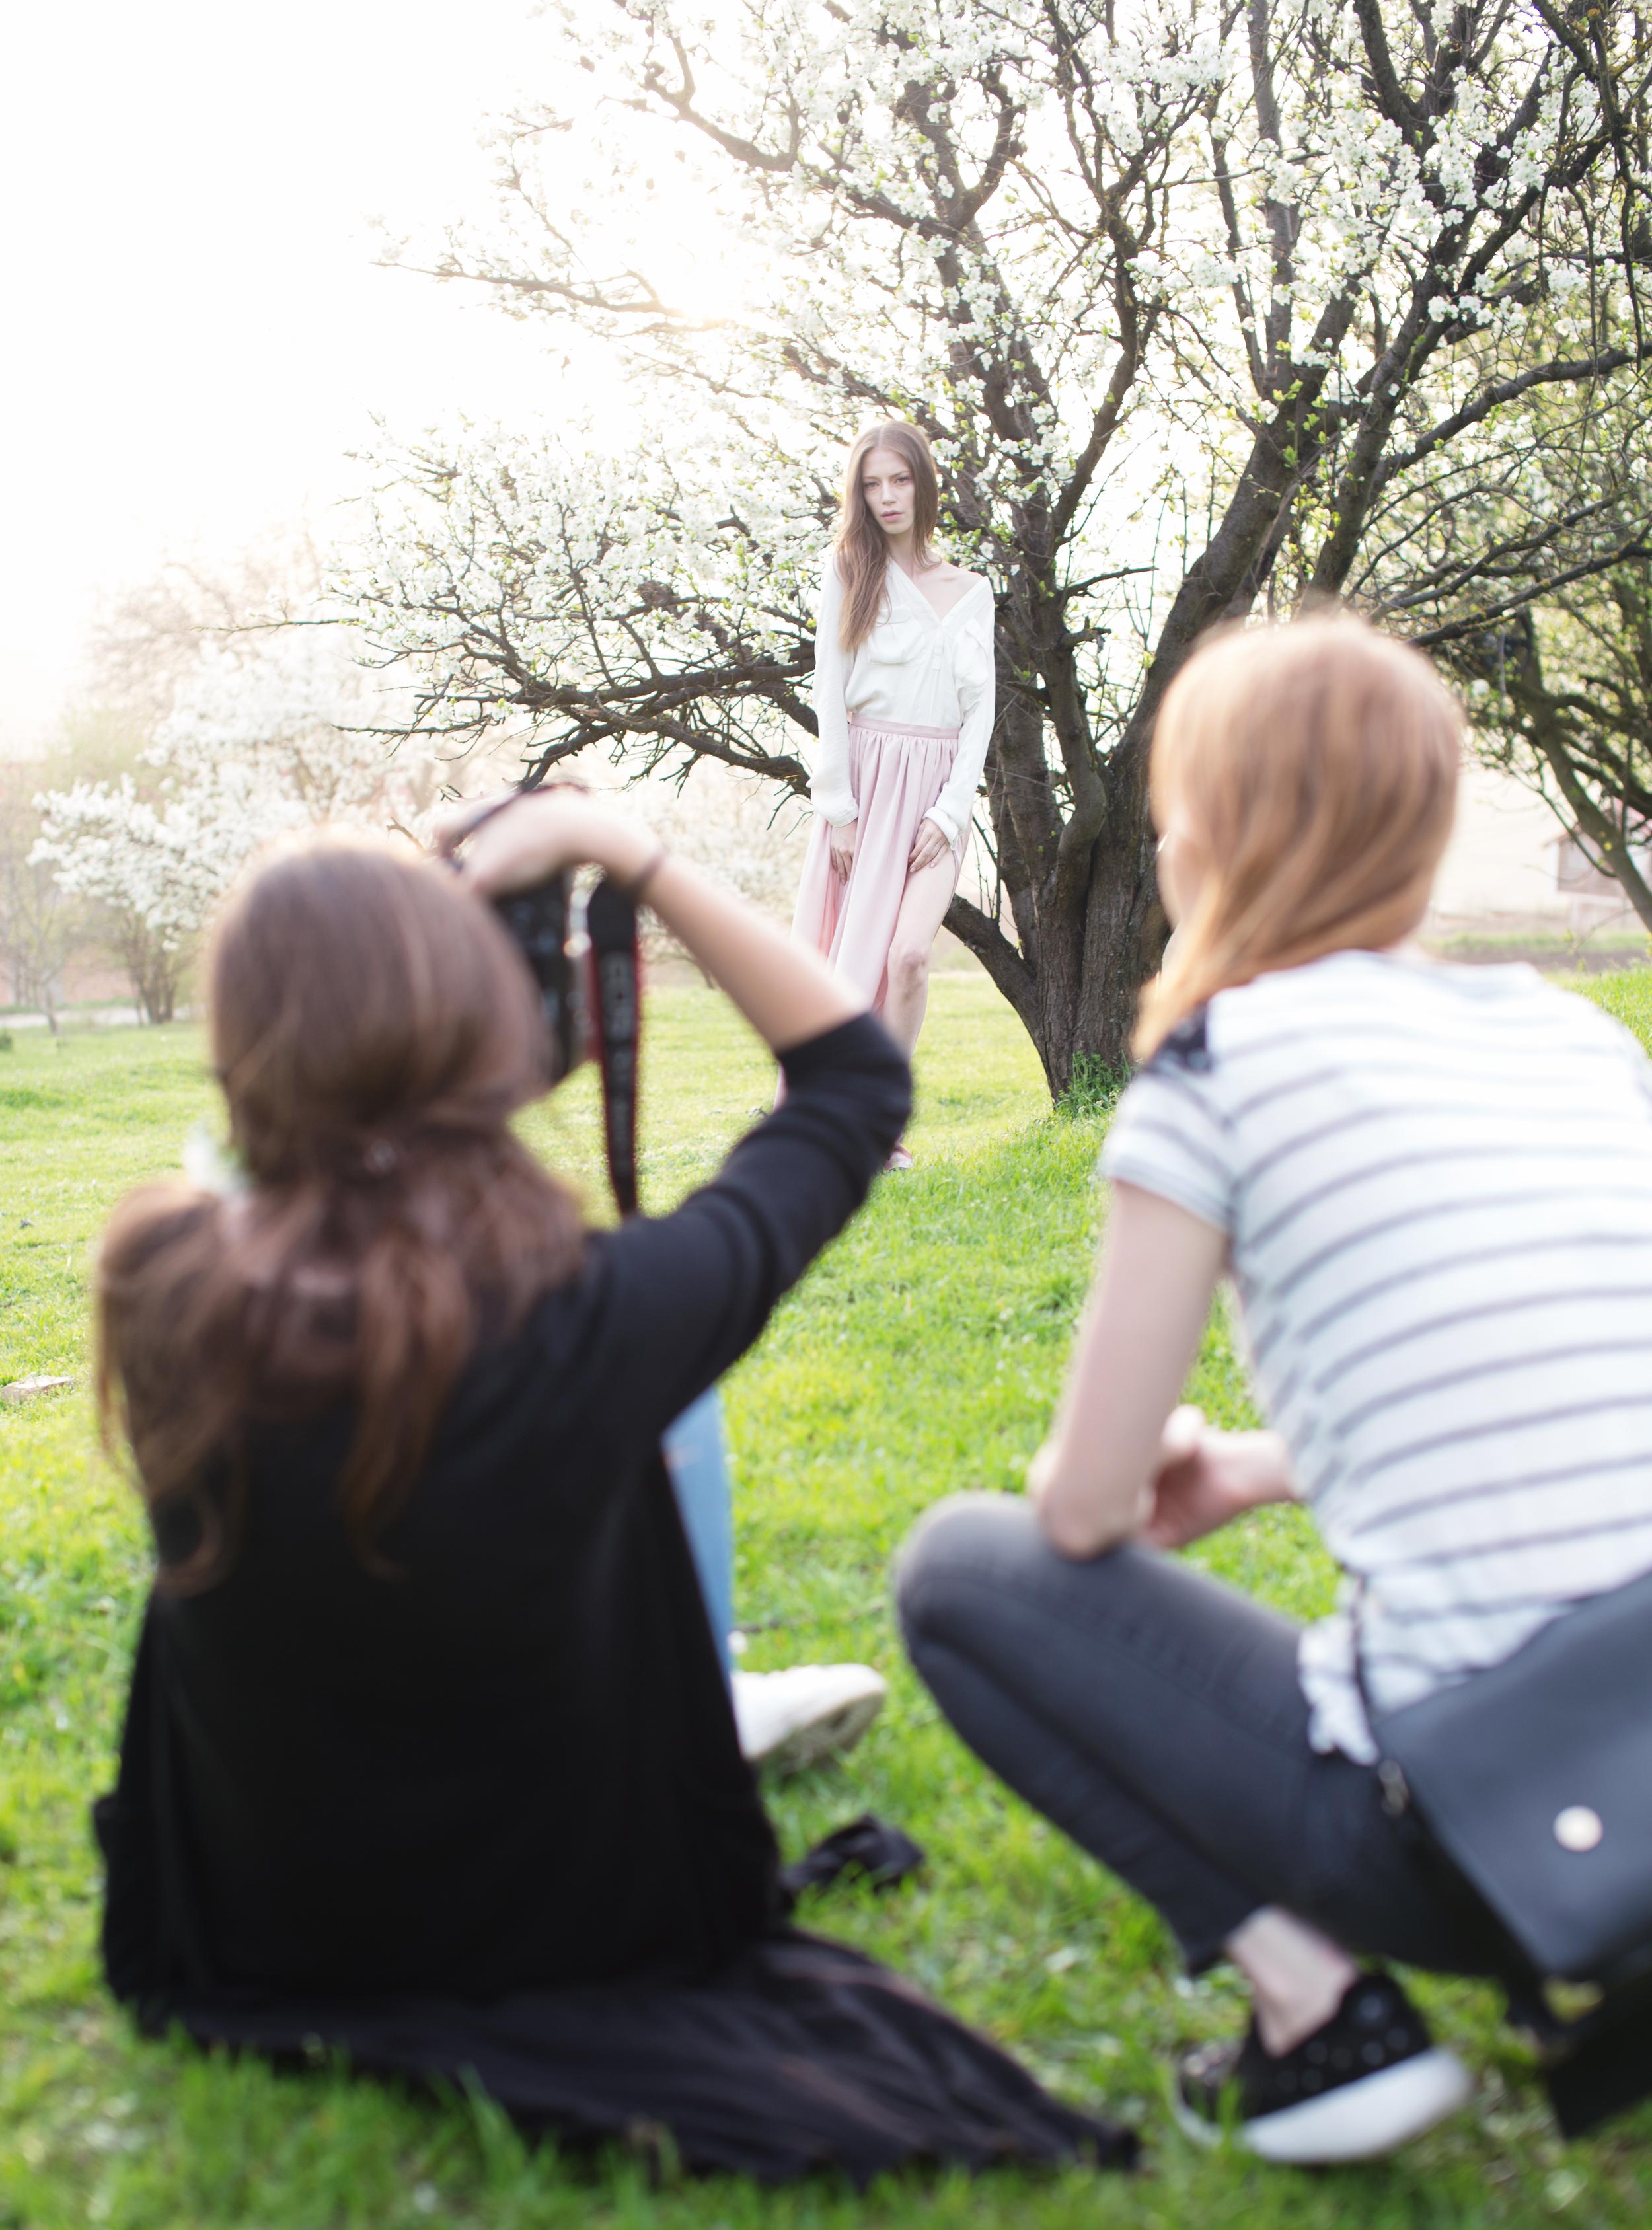 La finalul zilei, tot ce vrei să faci e să stai jos, cu sau fără aparat foto în mână...